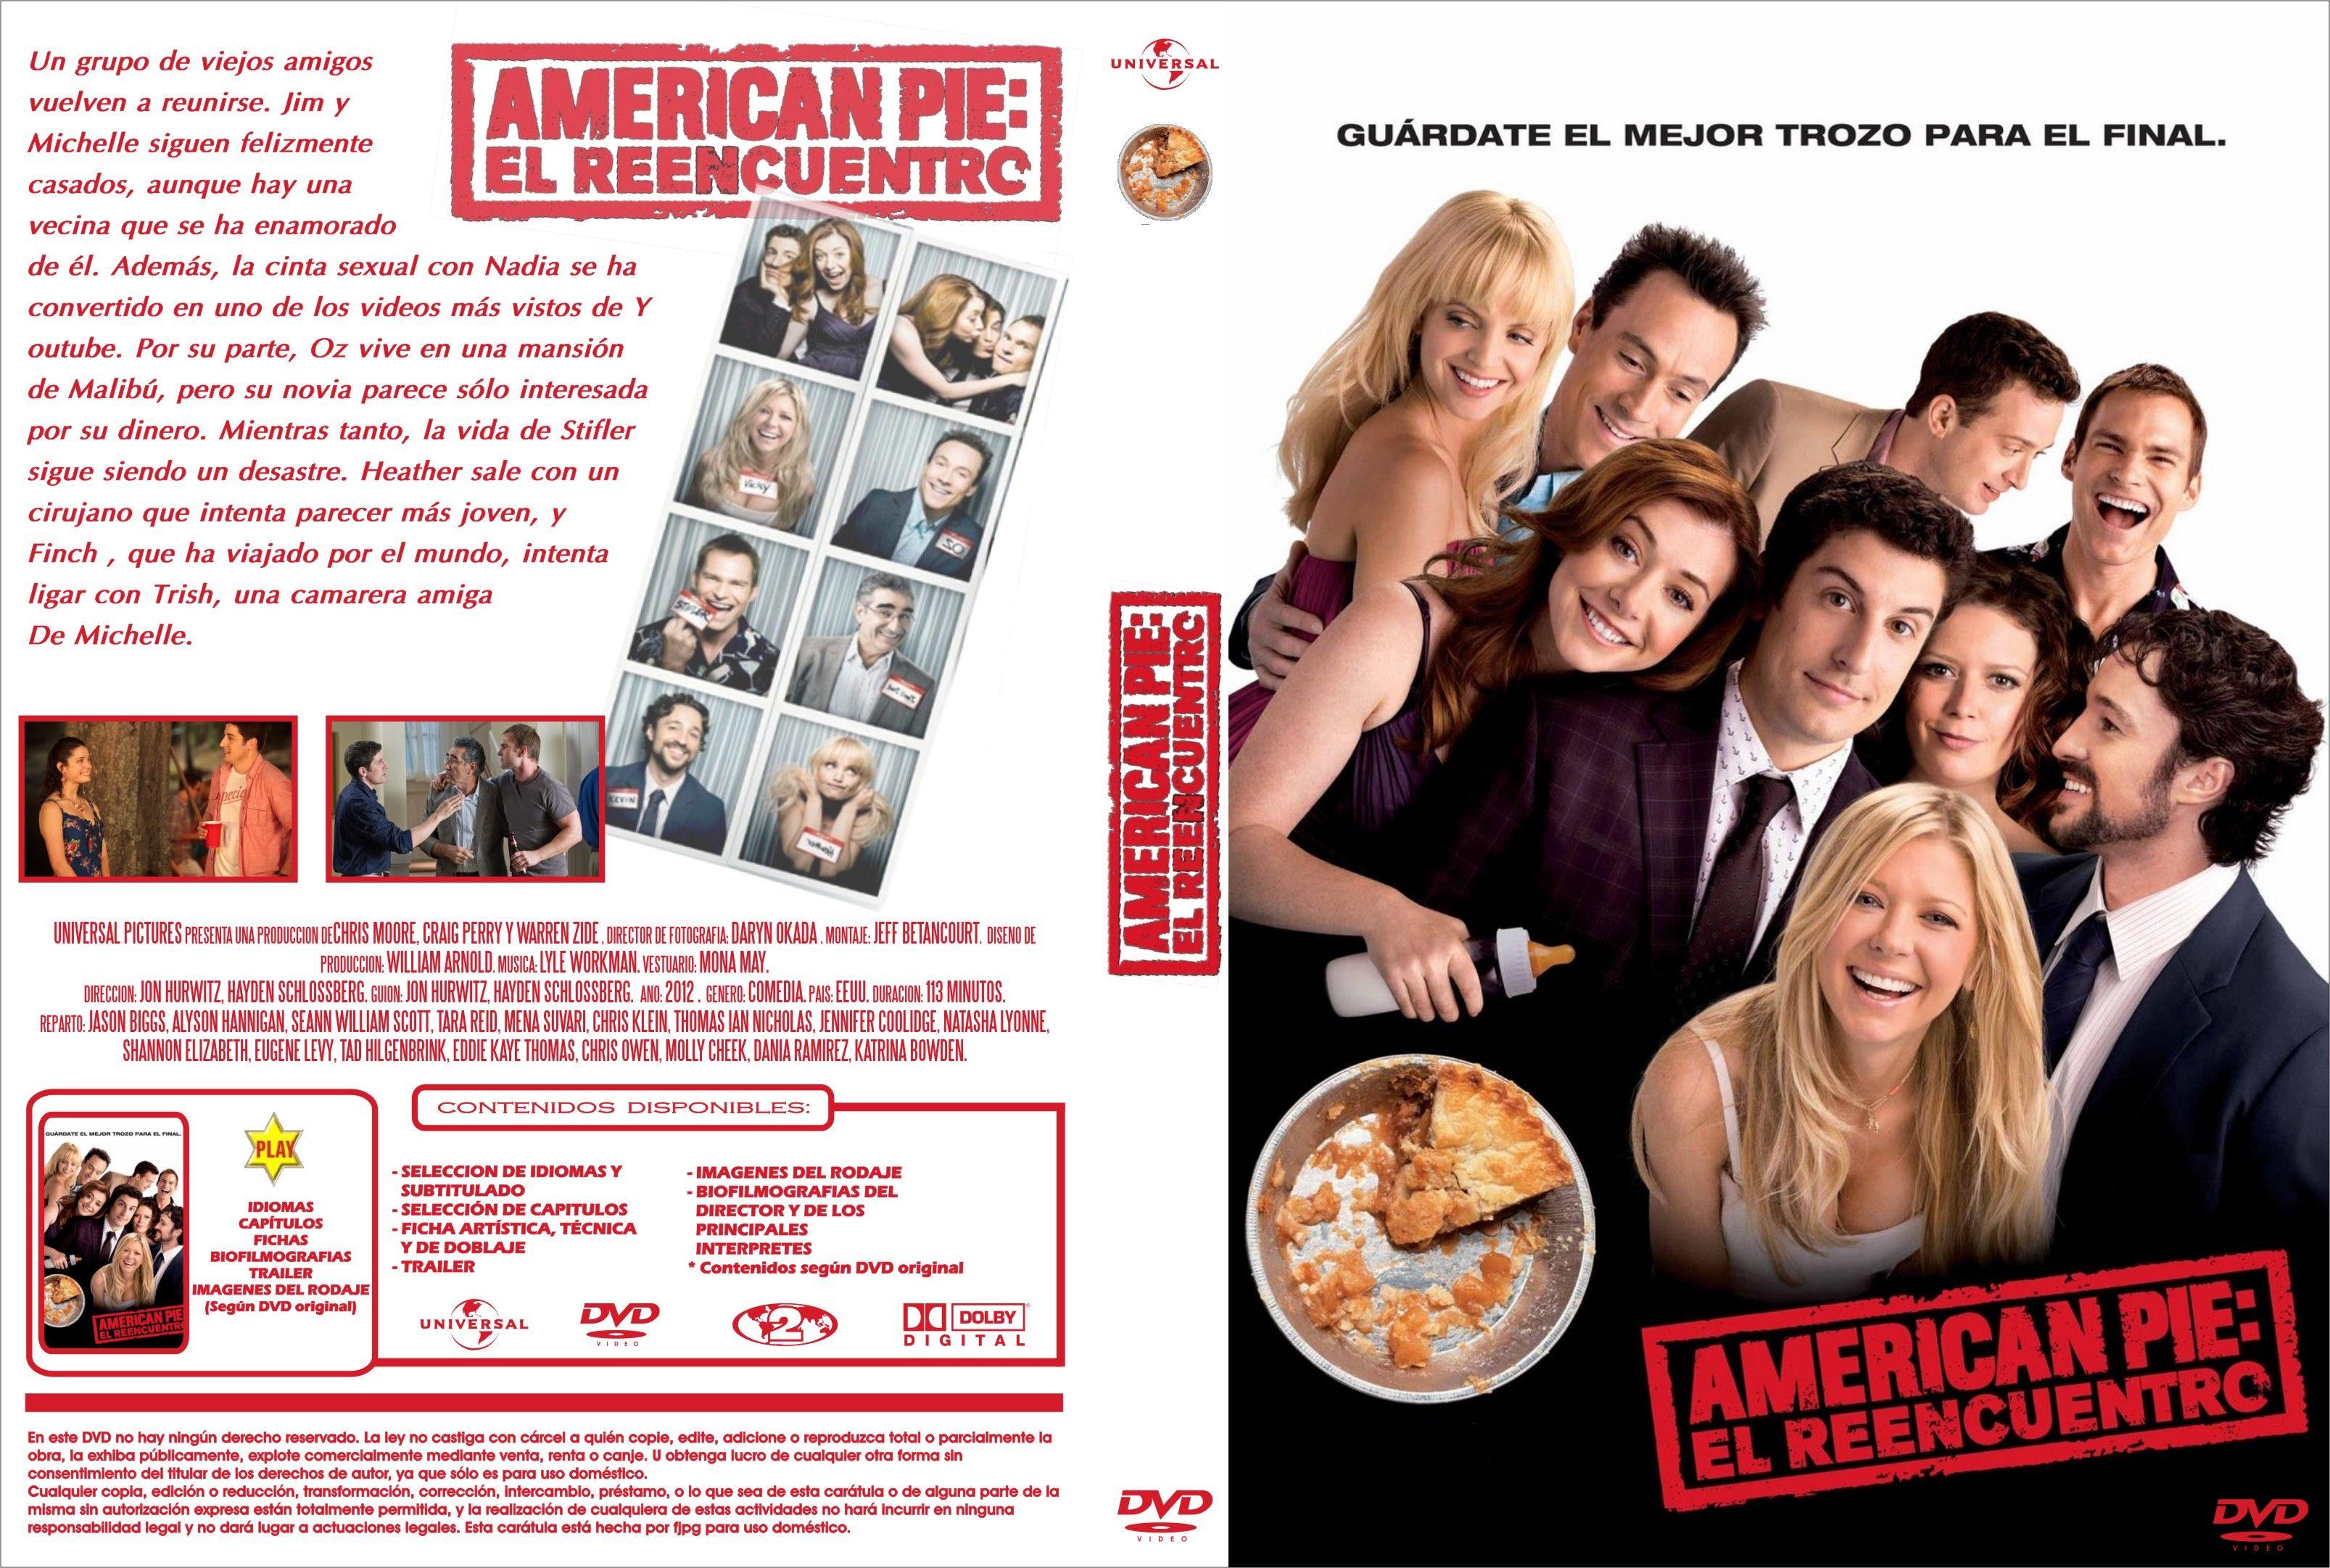 american pie 5 - photo #36